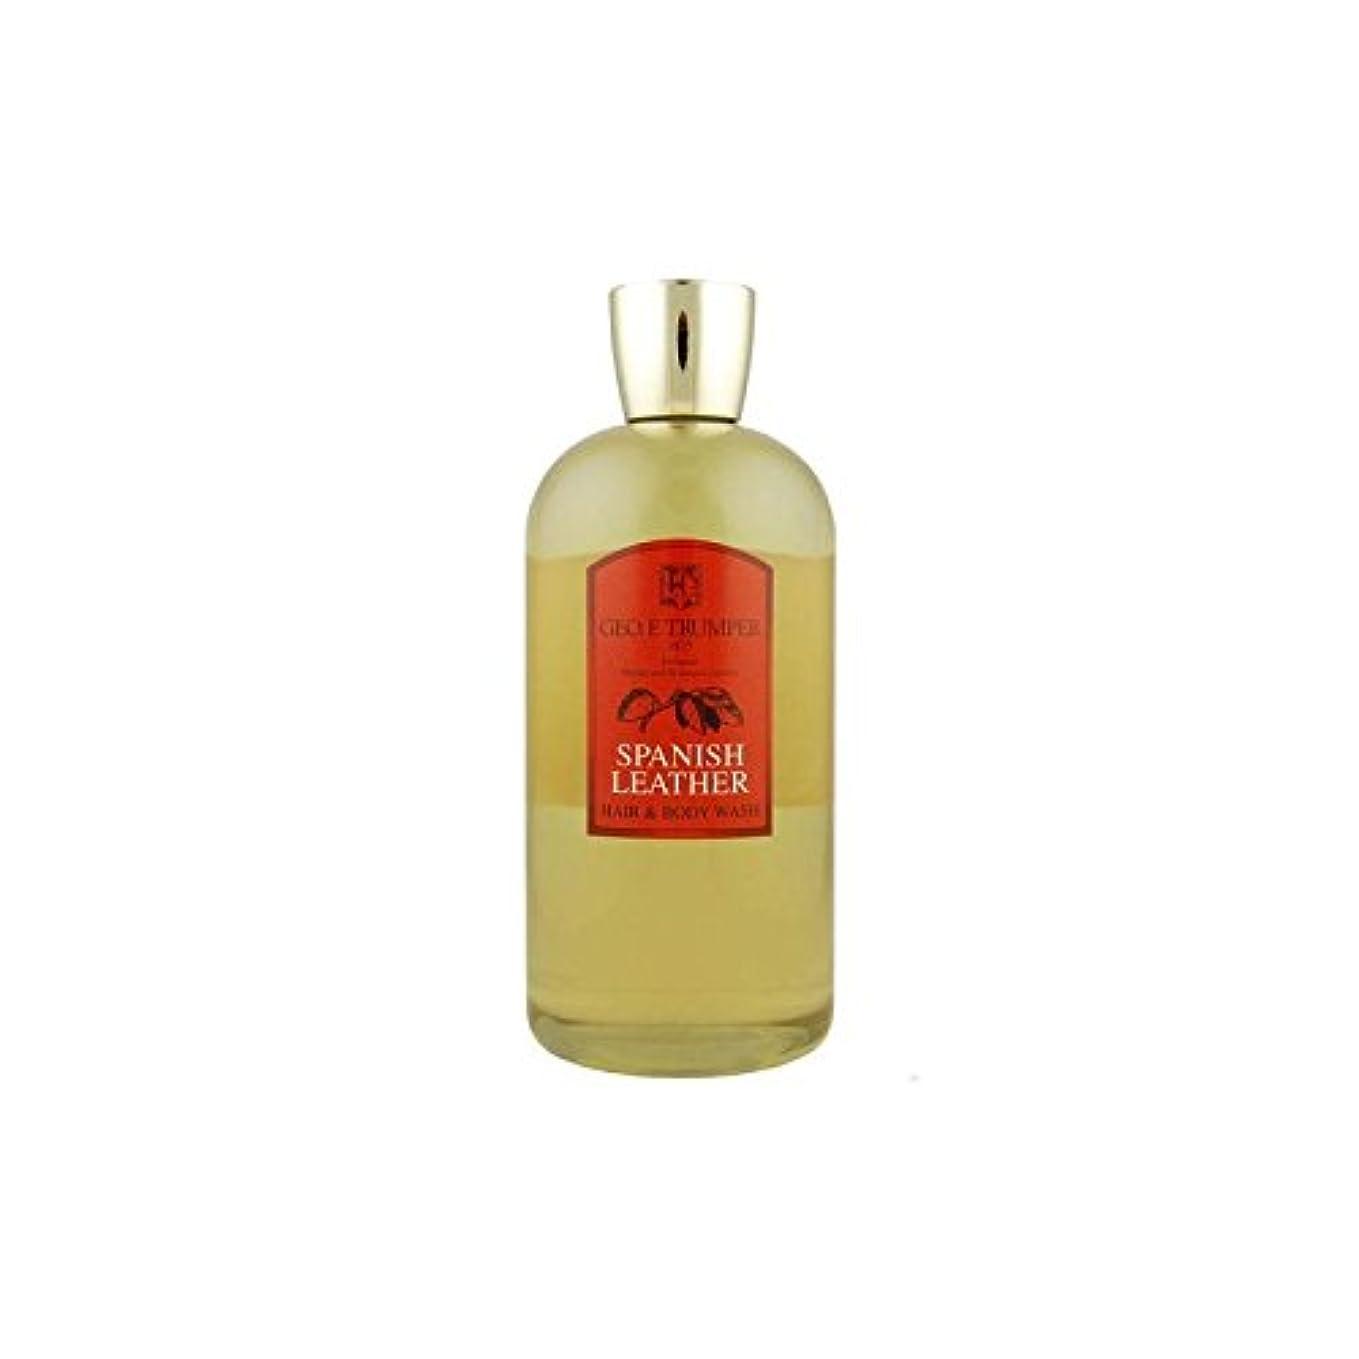 現代の美的メアリアンジョーンズ革の髪とボディウォッシュスペイン語 - 500ボトル x4 - Trumpers Spanish Leather Hair and Body Wash - 500mlTravel Bottle (Pack of 4) [並行輸入品]